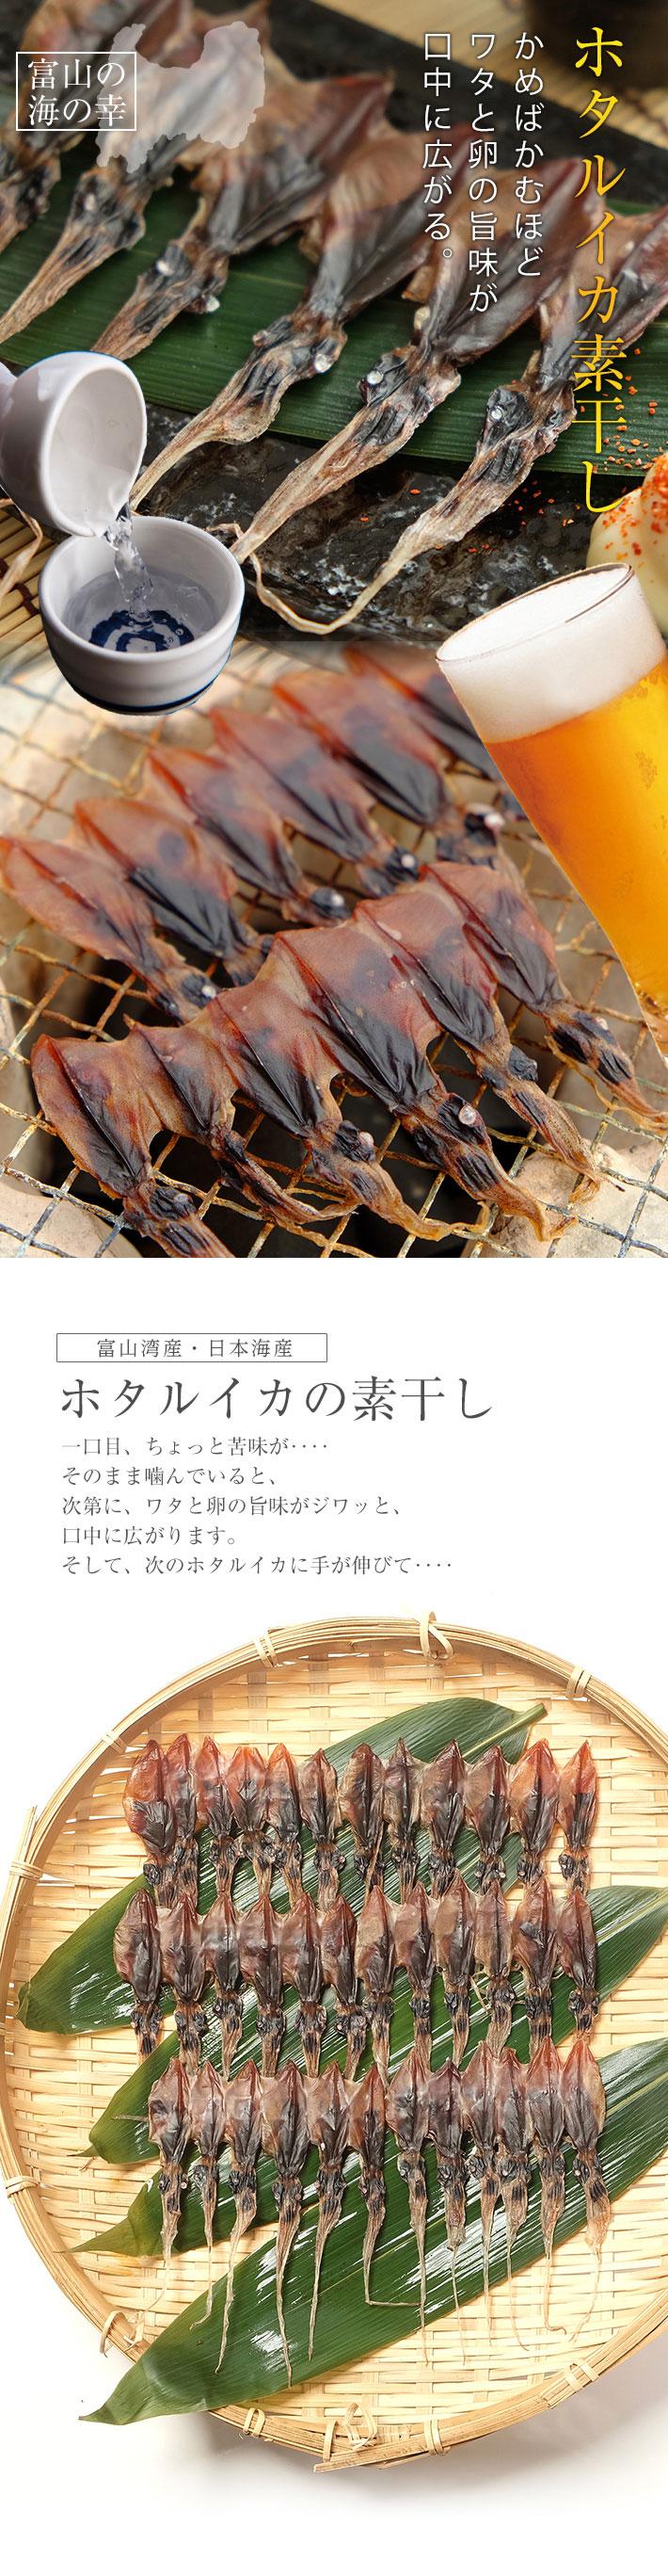 富山のホタルイカ 素干 ランキング1位獲得しました ぽっきり ポッキリ 送料無料 1000円